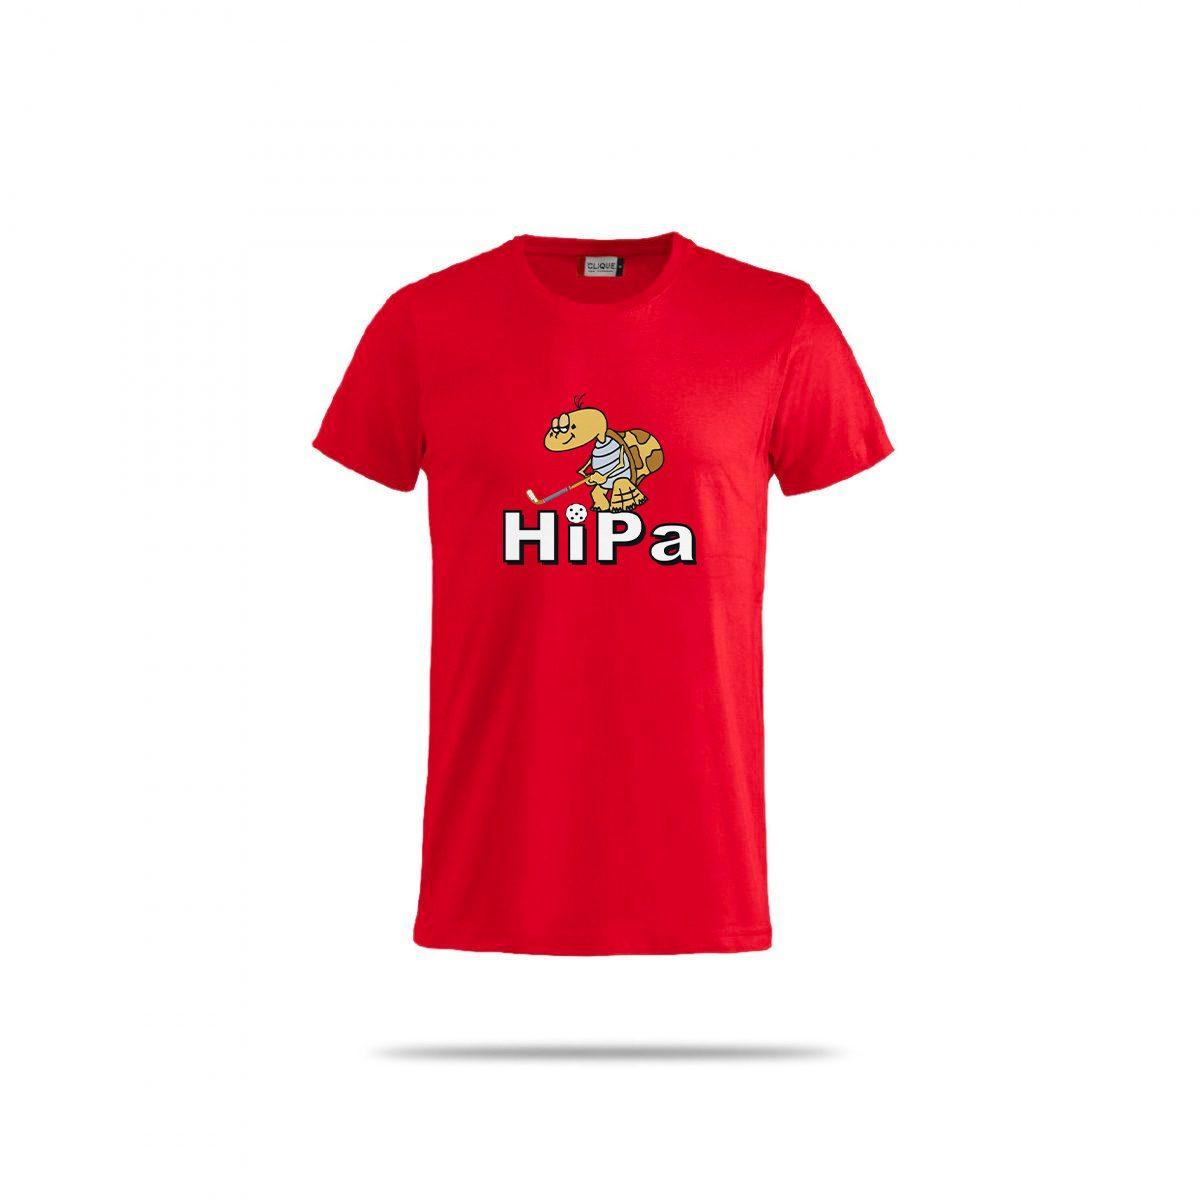 Hipa-3020